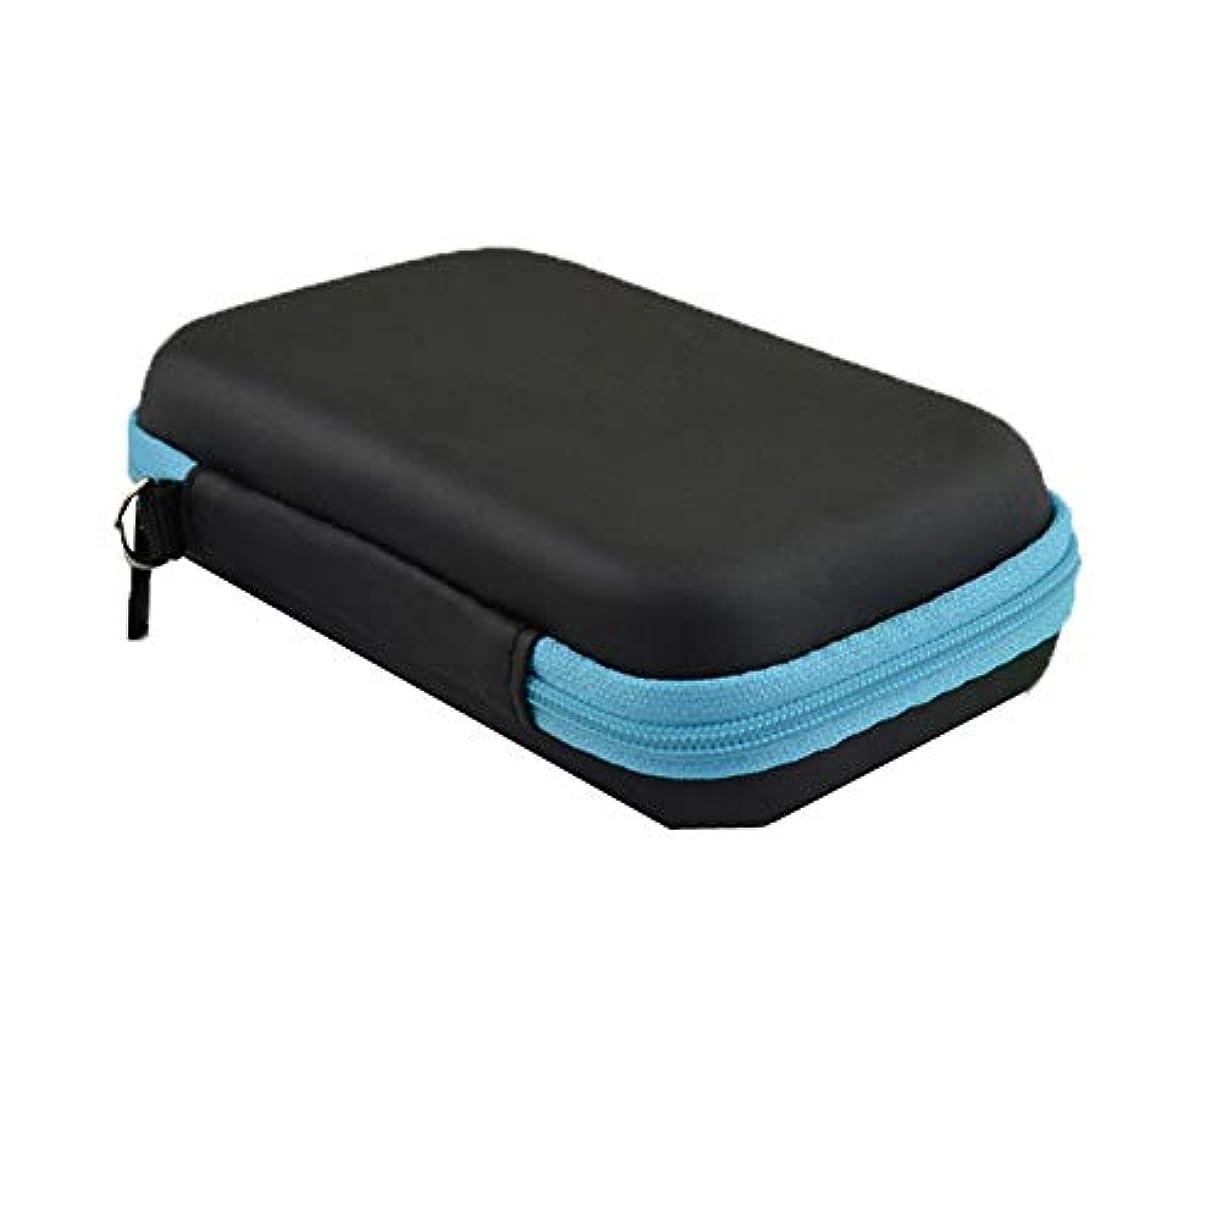 頼る反映する自然エッセンシャルオイルストレージボックス エッセンシャルオイルキャリングケースハードシェルエクステリアストレージオーガナイザーは1-3MLエッセンシャルオイルブルーを開催します 旅行およびプレゼンテーション用 (色 : 青, サイズ : 12X7.5X4CM)